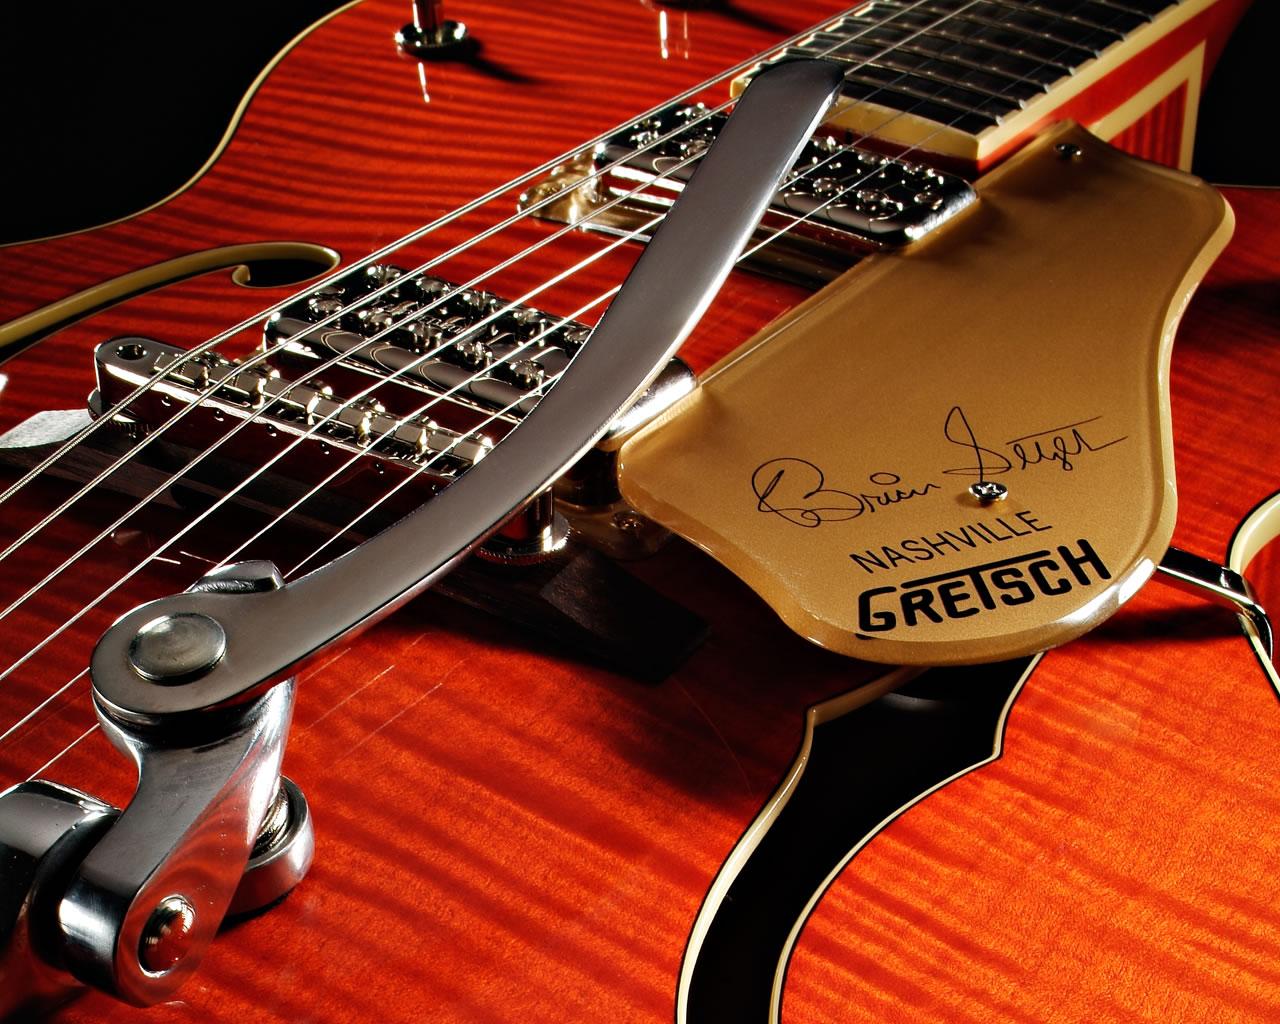 http://4.bp.blogspot.com/-hDb3ZH92g9U/T0JxpGtgQvI/AAAAAAAACEU/ZRGEmeI3Yfc/s1600/Guitar+2.jpg